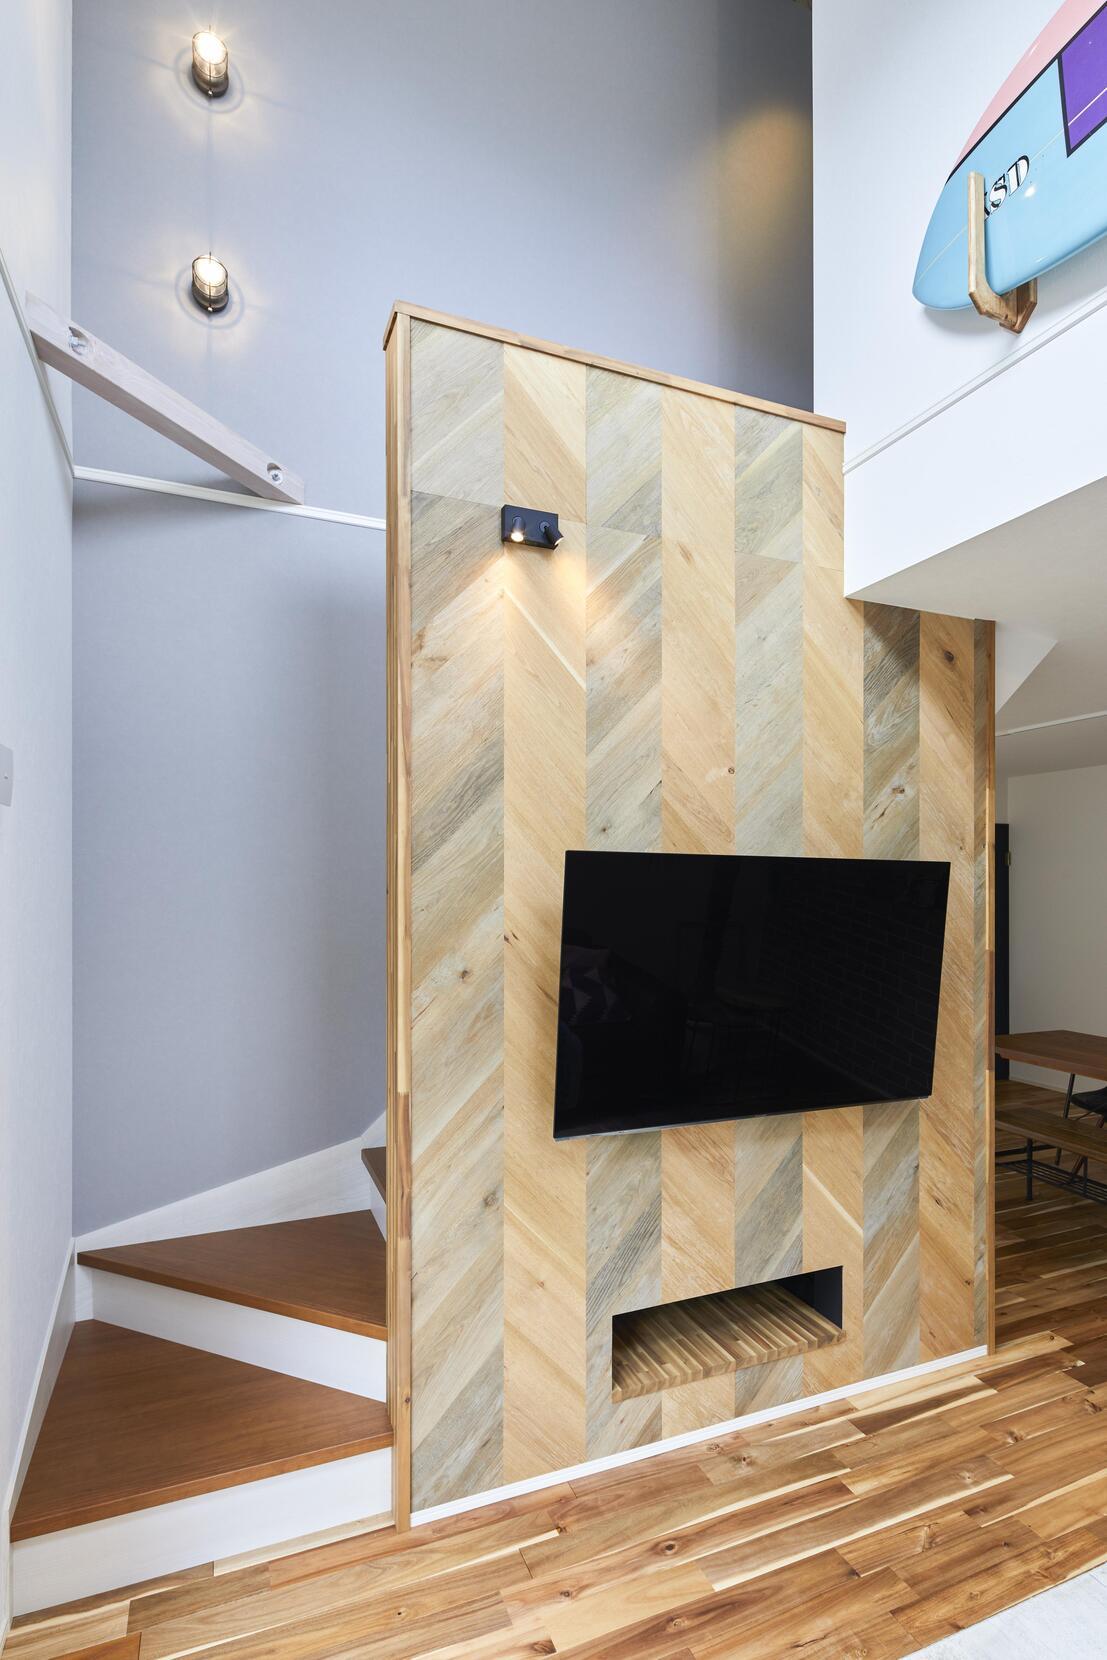 TVバックボードはエイジング塗装されたオーク材をヘリンボーン貼りに